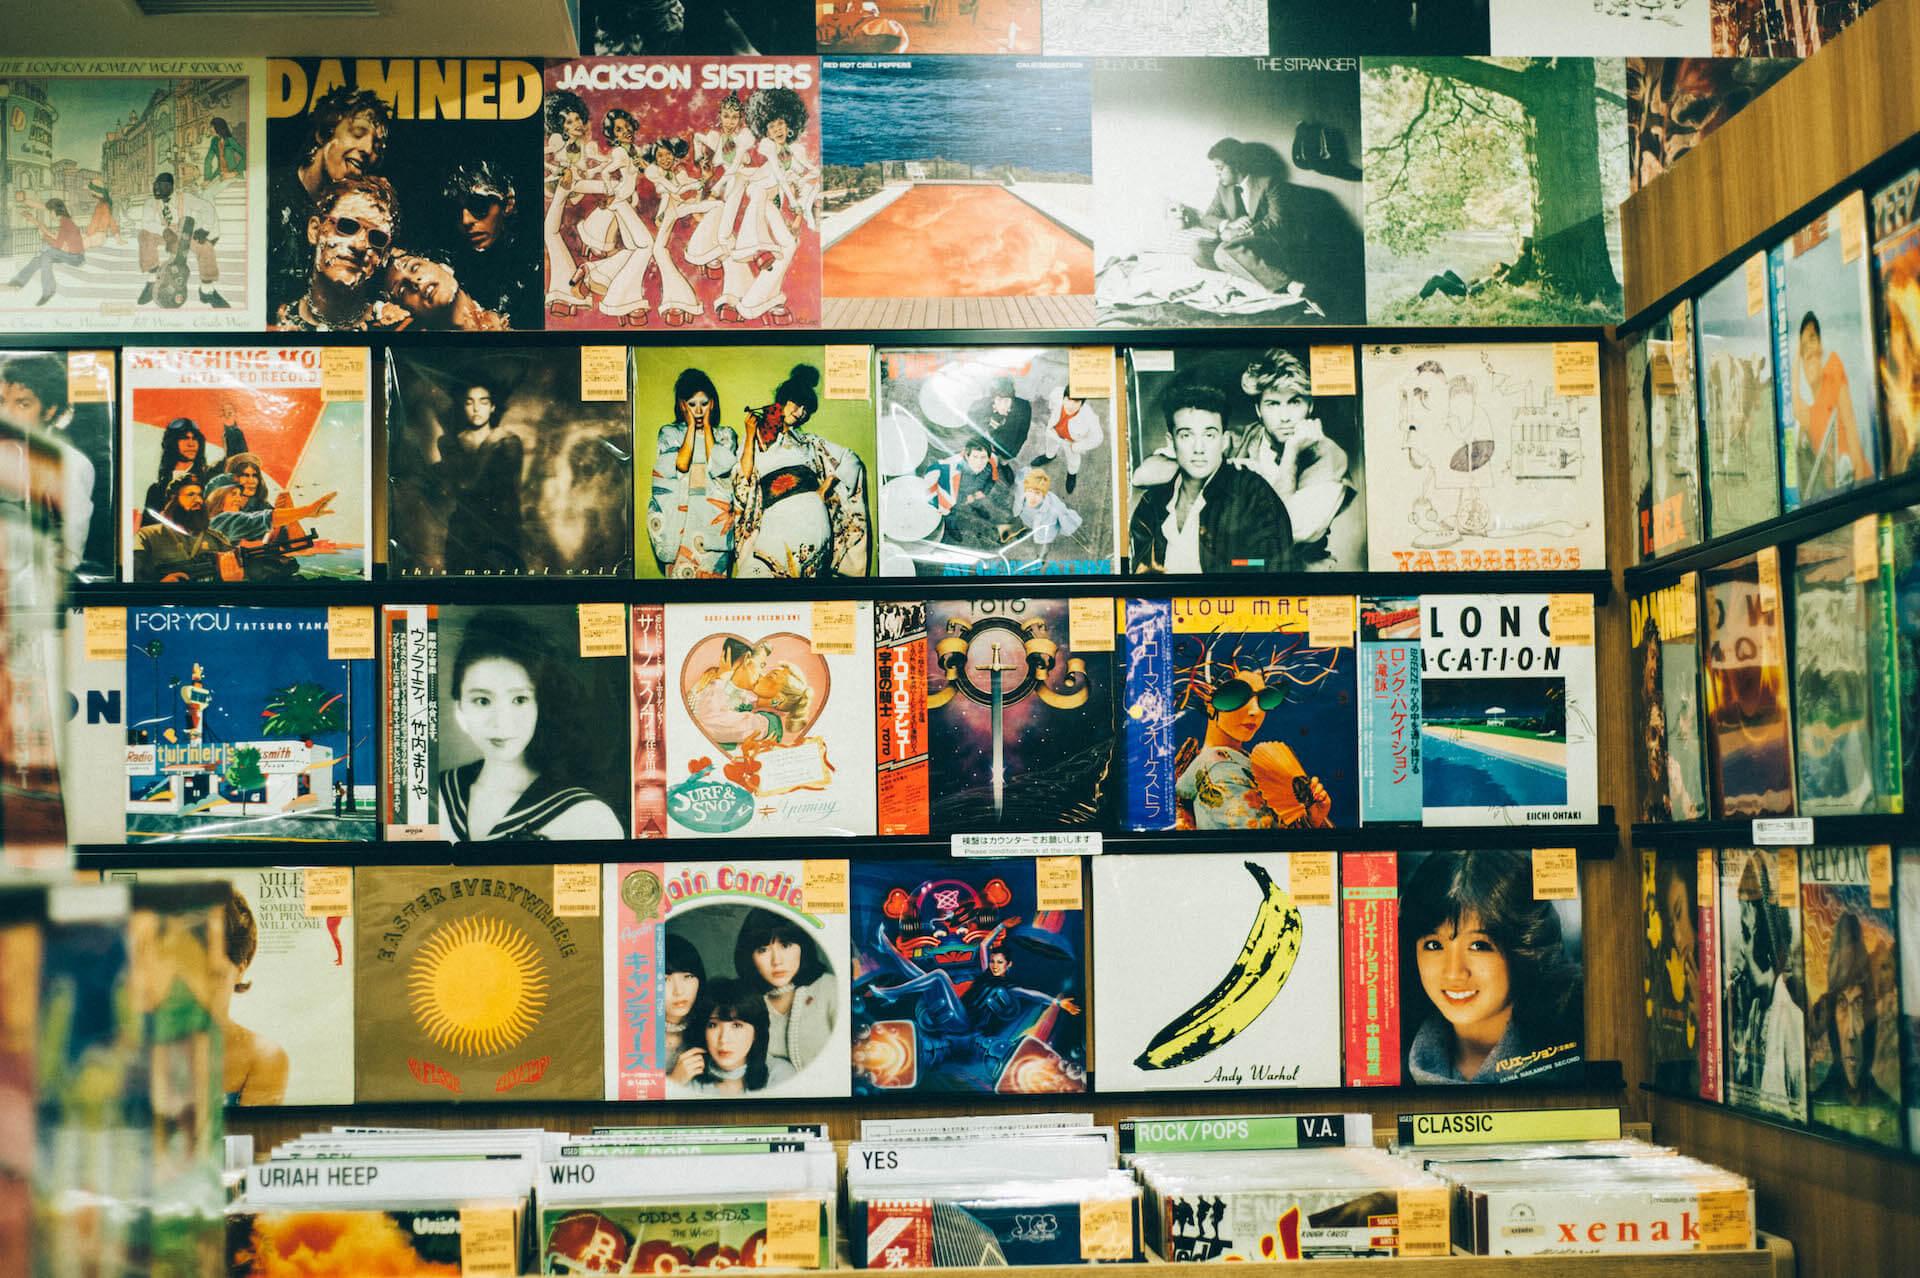 新生渋谷PARCOのカオスなフードエリア「CHAOS KITCHEN」注目の3店舗をピックアップ lfefashion-20191122-parco-8666